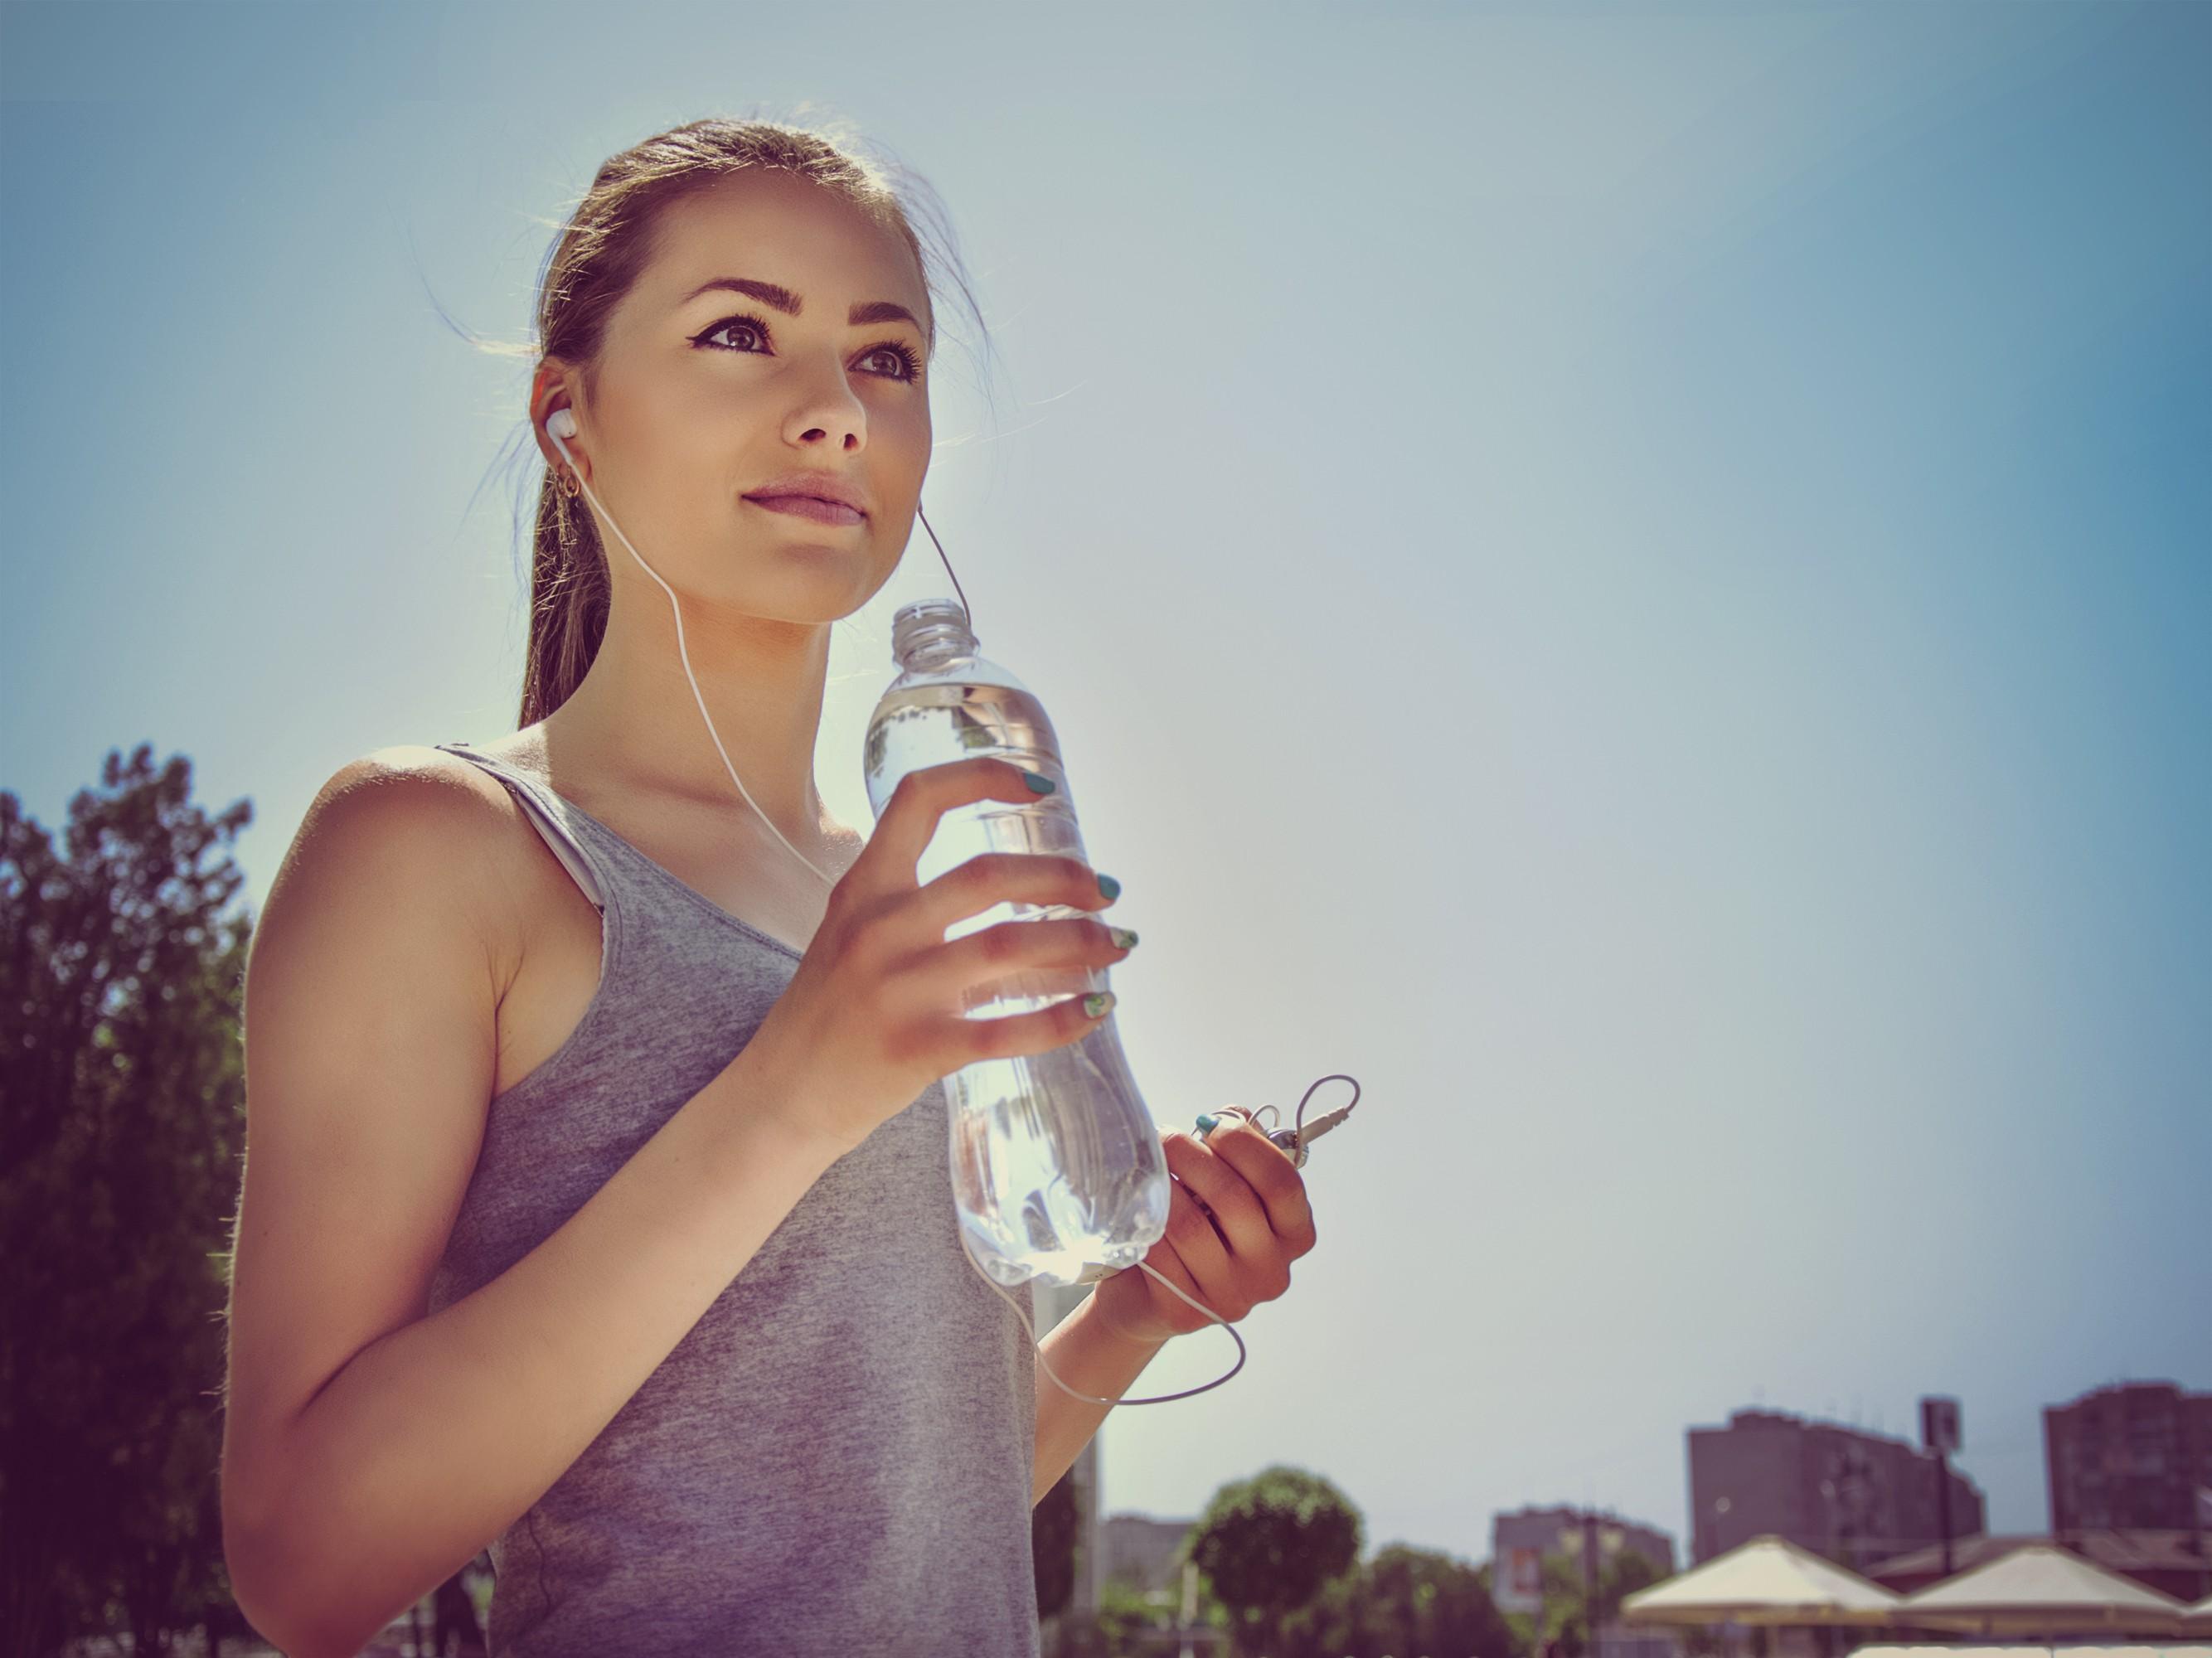 Пей много воды, особенно, когда чувствуешь небольшойголод